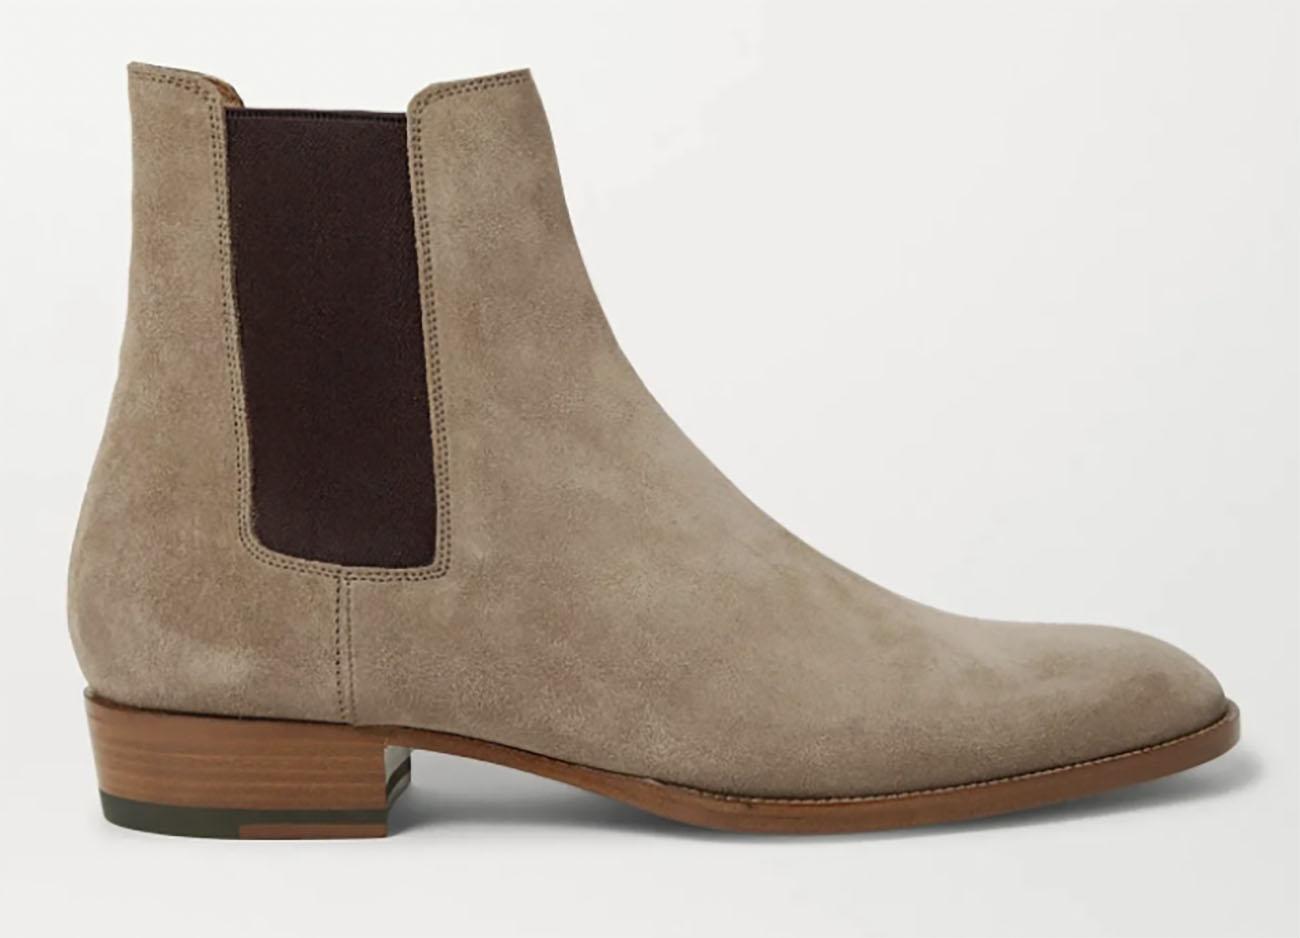 Οι μπότες που πρέπει να έχει κάθε άντρας που σέβεται τον εαυτό του